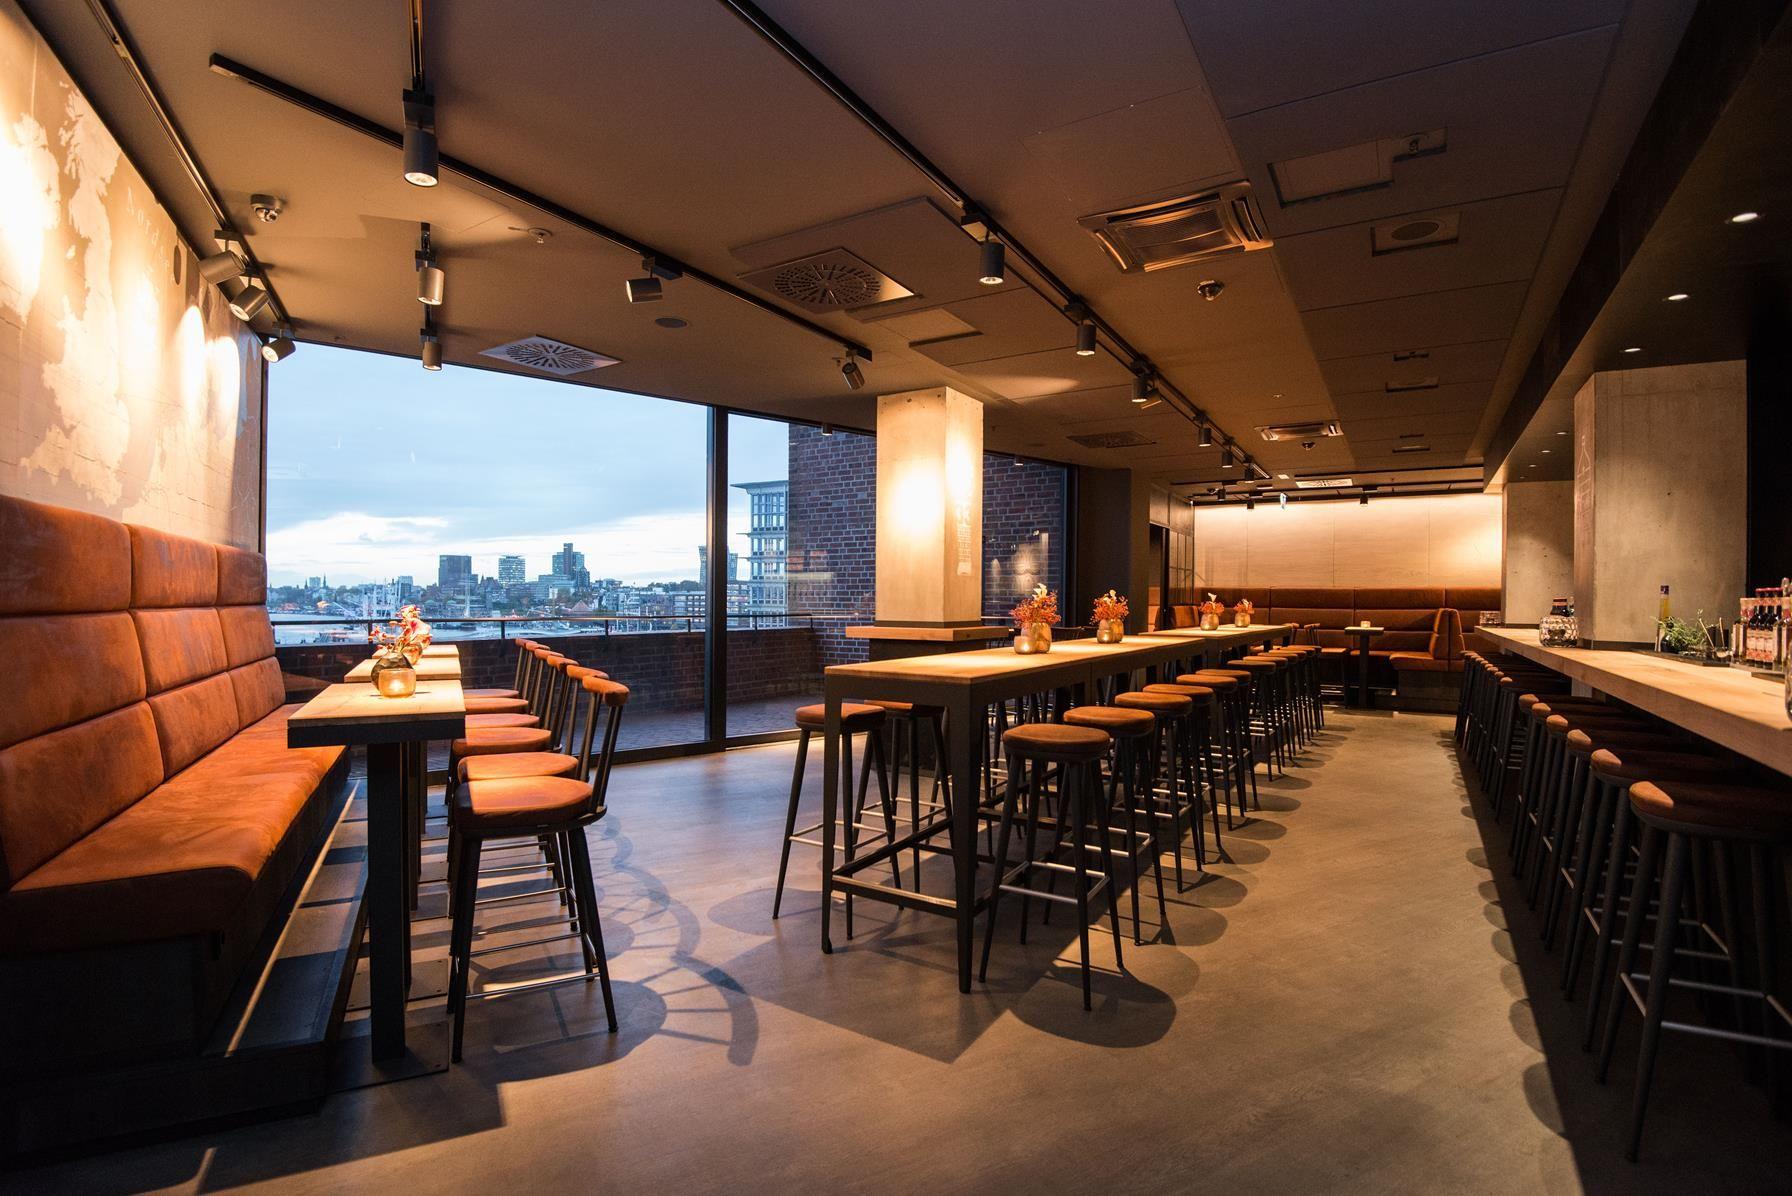 Der Barbereich Des Restaurant Beer Dine Die Szenische Blendungsfreie Und Fokussierte Beleuchtung Der Raumobjekte Und Tisc Designkonzepte Design Led Technik